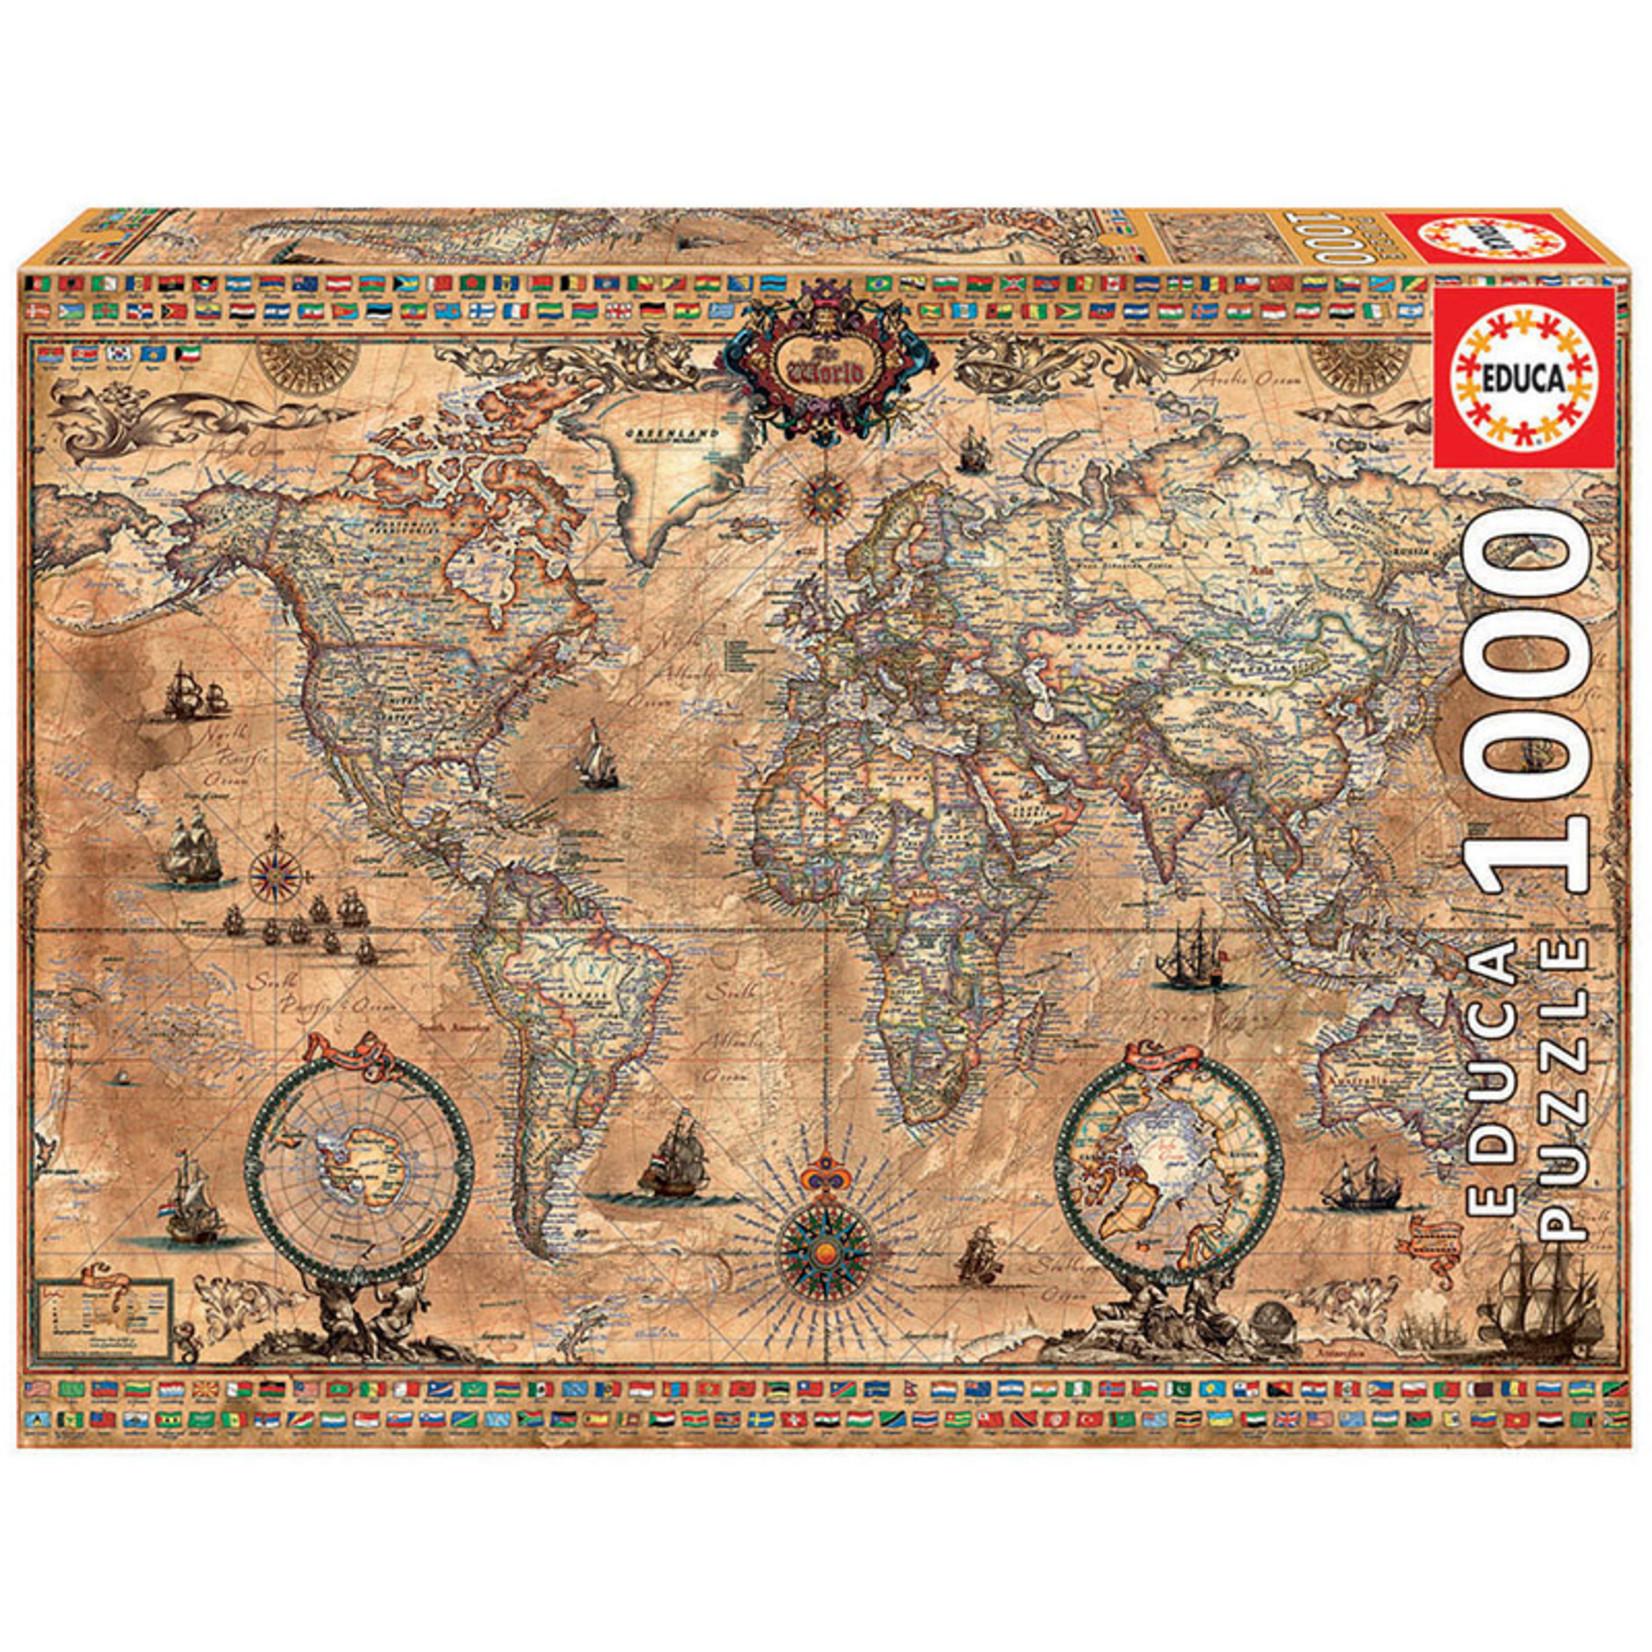 Educa Puzzles Antique World Map 1000pc